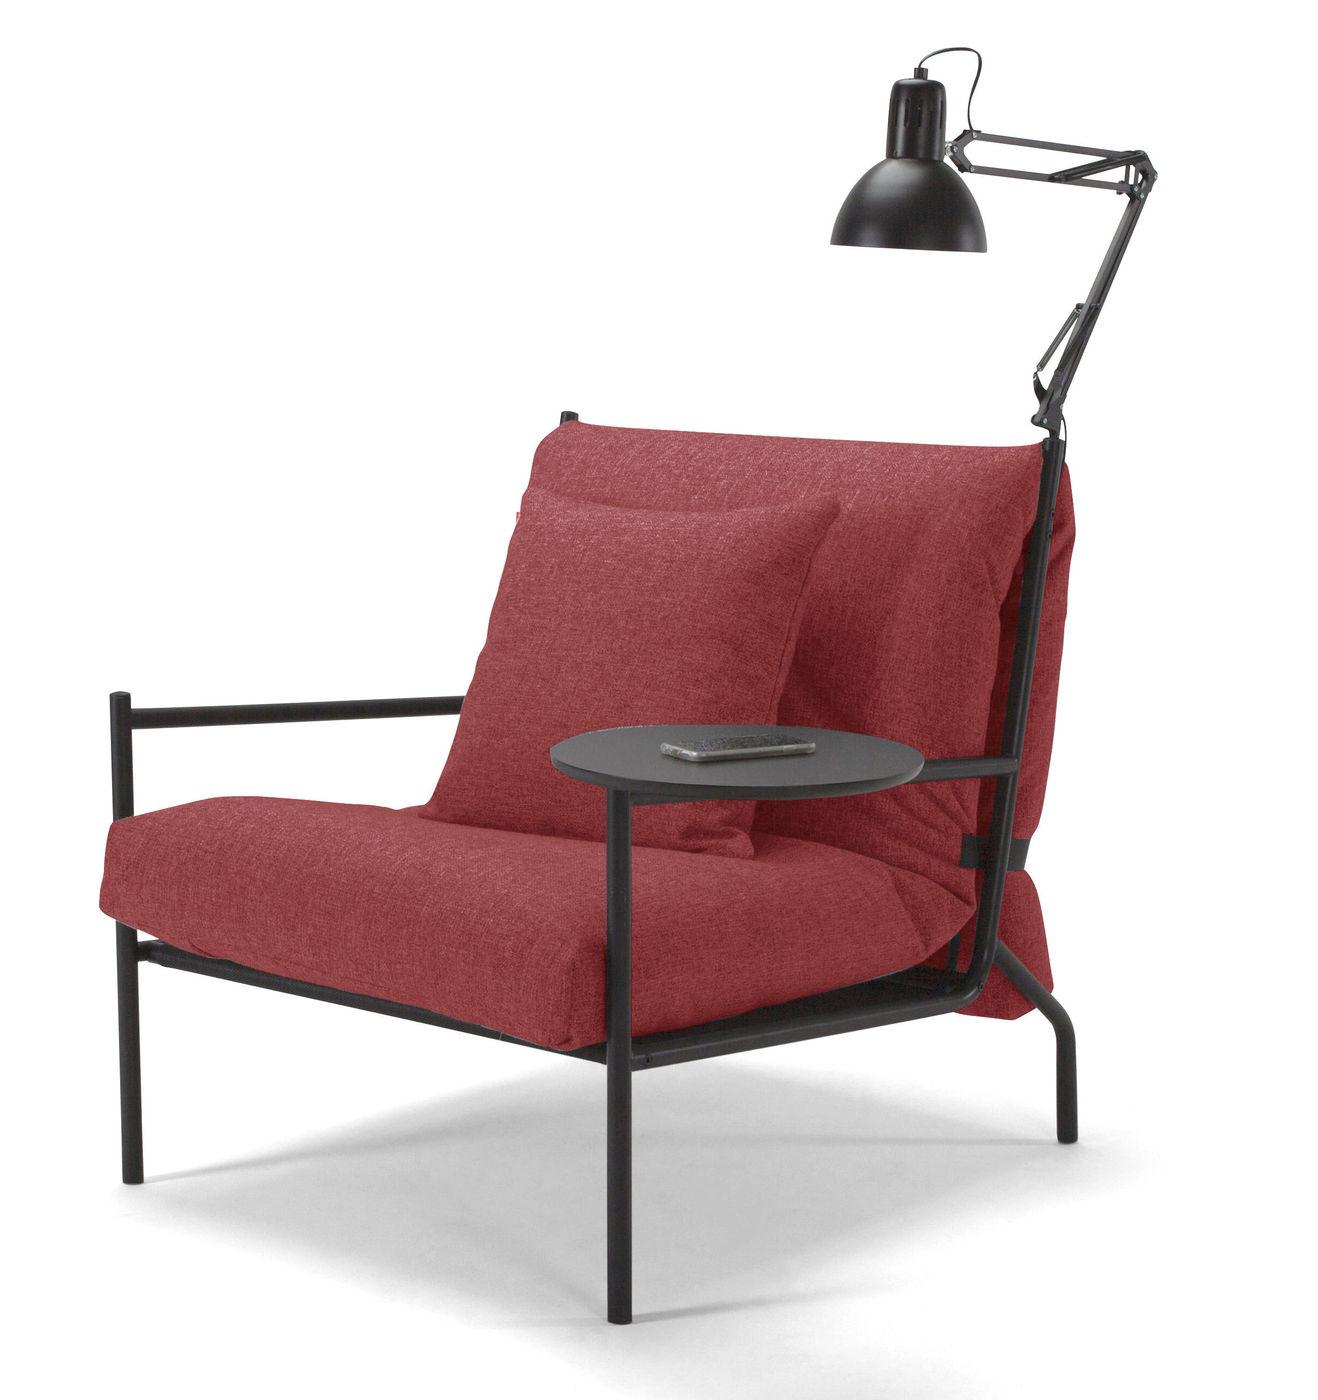 Schlafsessel design  Design-Schlafsessel in Webstoff mit Schaummatratze - Staines